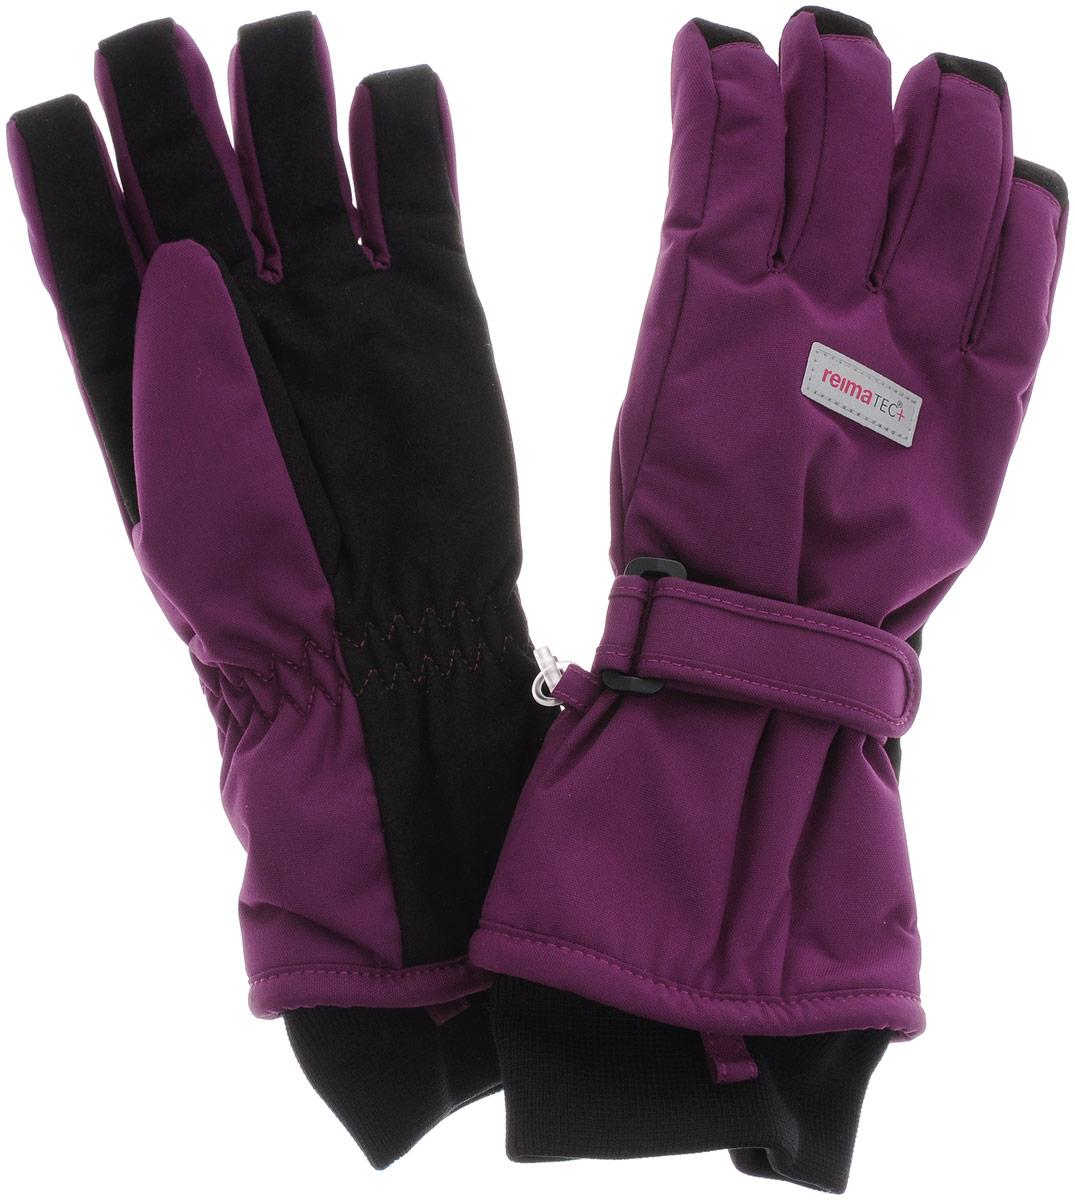 Перчатки детские Reima Reimatec+ Tartu, цвет: бордовый. 527251-4620. Размер 3527251-4900Детские перчатки Reima Reimatec+ Tartu станут идеальным вариантом для холодной зимней погоды. На подкладке используется высококачественный полиэстер, который хорошо удерживает тепло.Для большего удобства на запястьях перчатки дополнены хлястиками на липучках с внешней стороны, а на ладошках, кончиках пальцев и с внутренней стороны большого пальца - усиленными водонепроницаемивставками Hipora. Теплая флисовая подкладка дарит коже ощущение комфорта и уюта. С внешней стороны перчатки оформлены светоотражающими нашивками с логотипом бренда. Высокая степень утепления. Перчатки станут идеальным вариантом для прохладной погоды, в них ребенку будет тепло и комфортно. Водонепроницаемость: Waterpillar over 10 000 mm